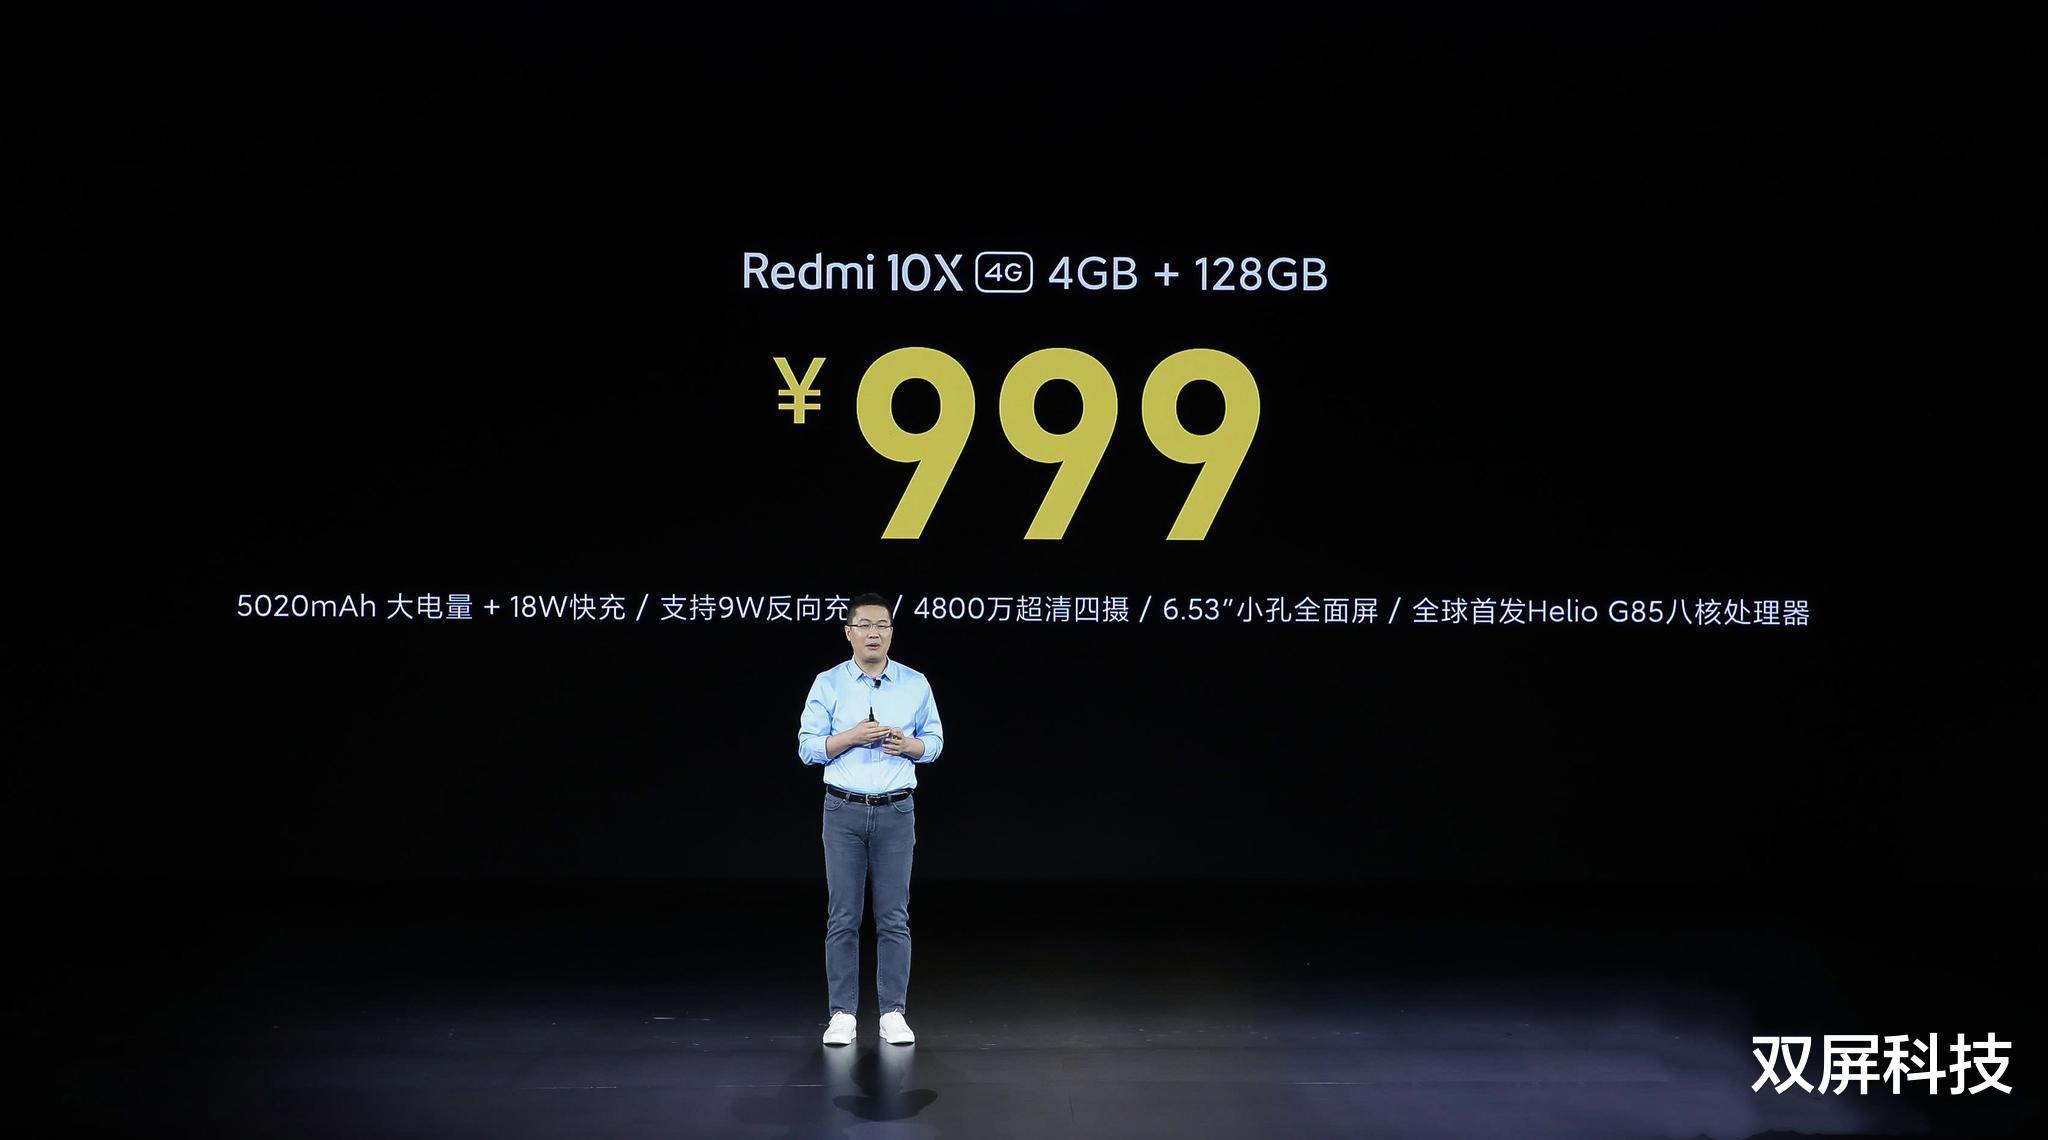 友商无奈了,小米新机仅999元,5020mAh+4800万四摄+128GB存储